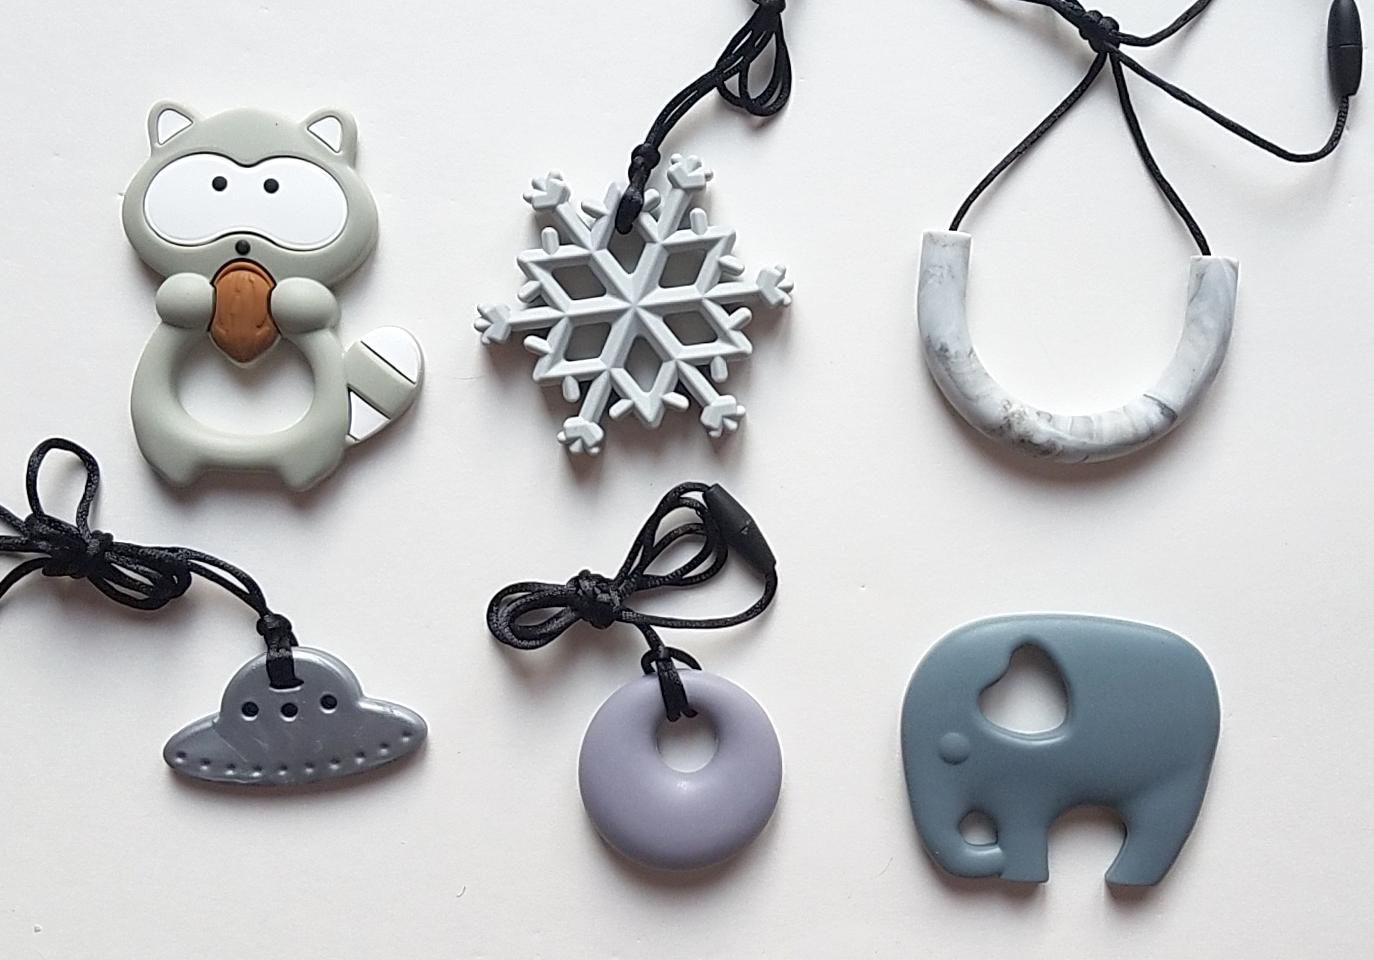 Clockwise from top left: Grey raccoon, grey snowflake, marble grey Ch-U tube, grey elephant, grey annular, silver UFO.